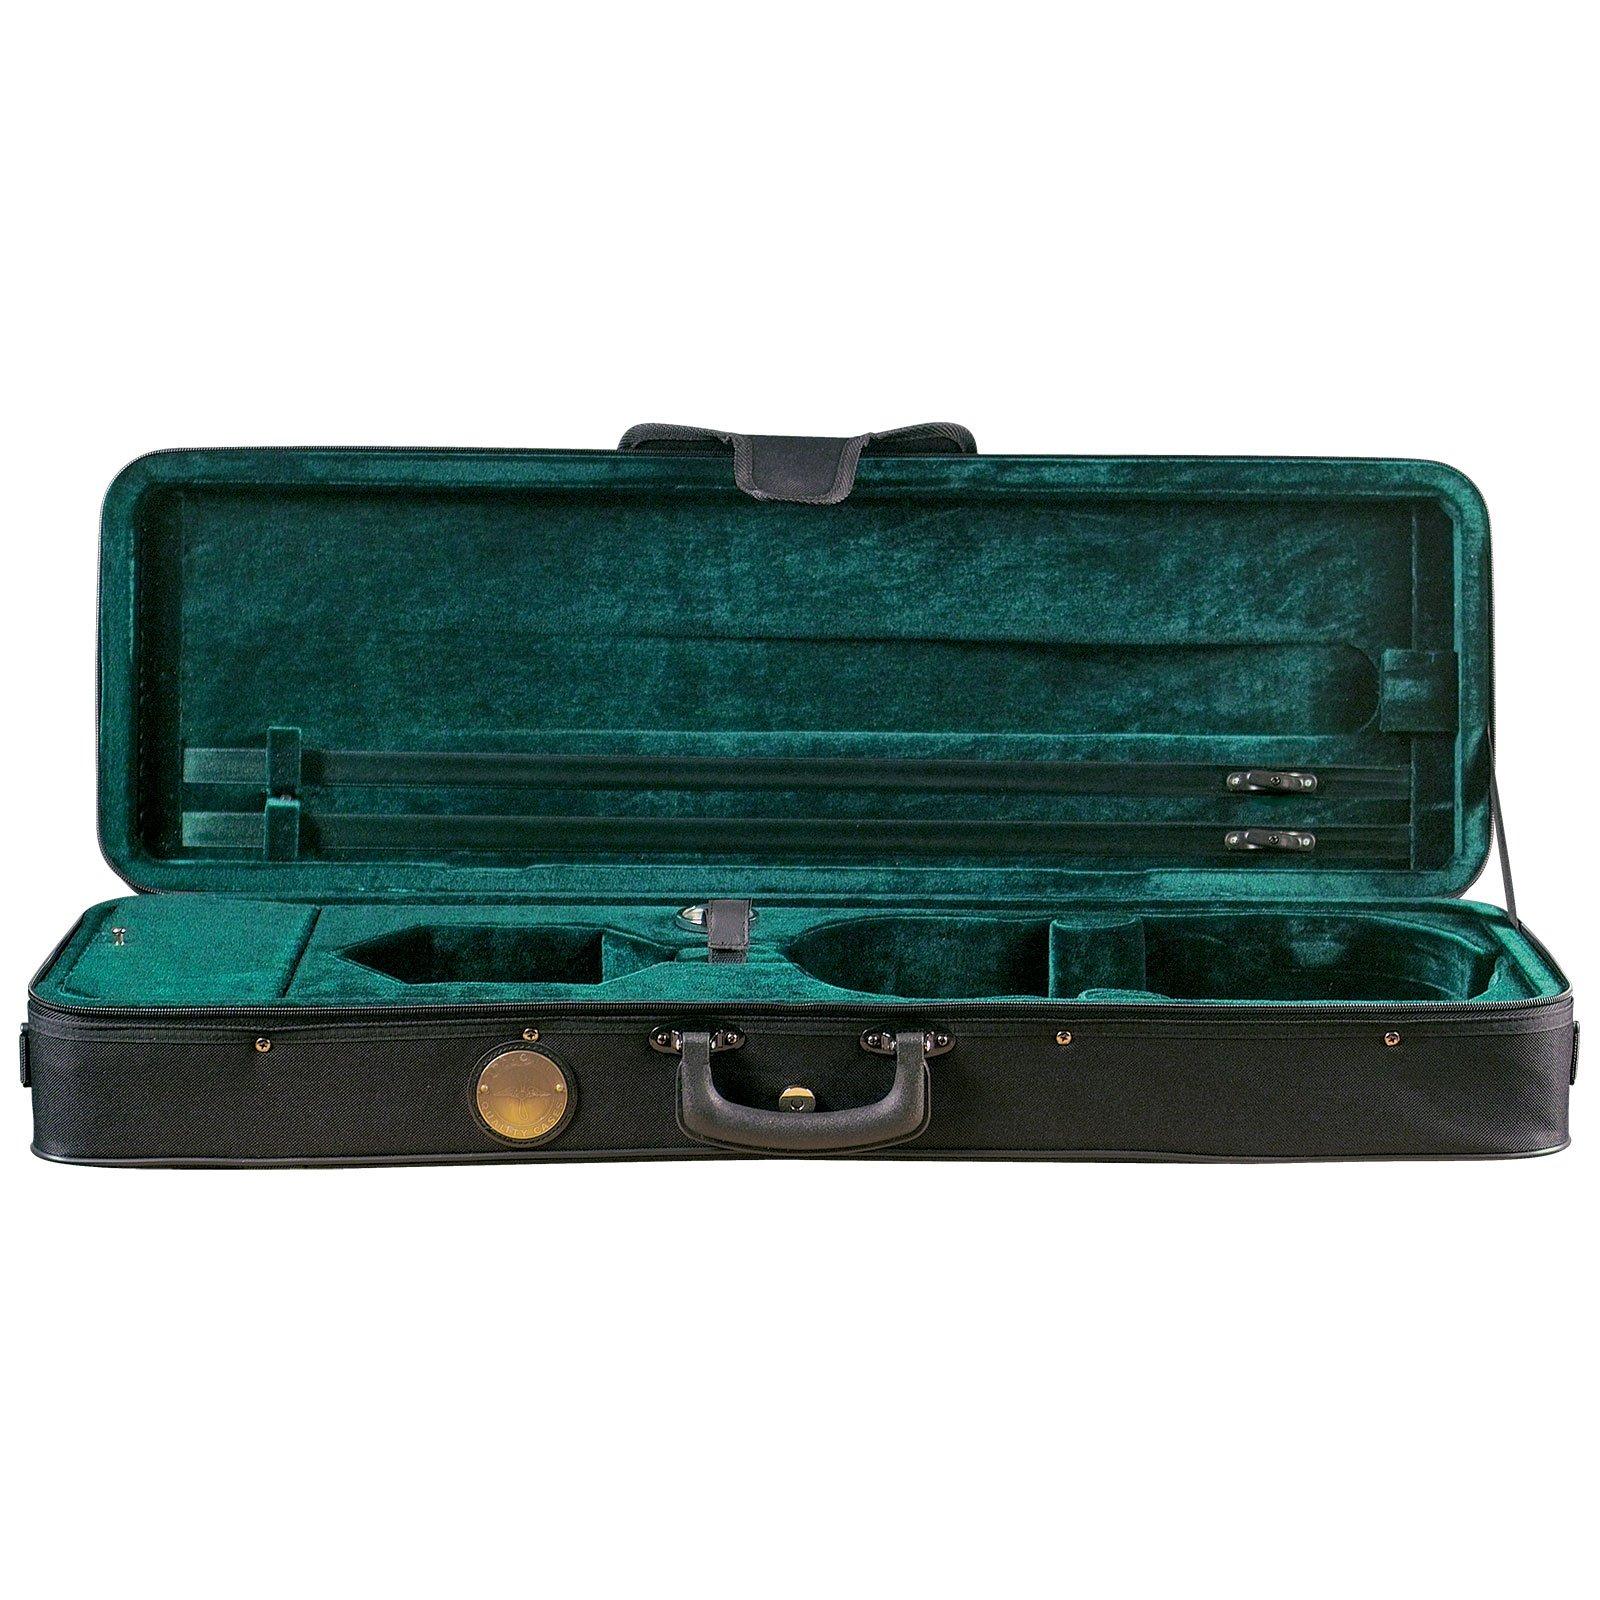 Travelite TL-33 Standard Violin Case - Oblong - 4/4 Size